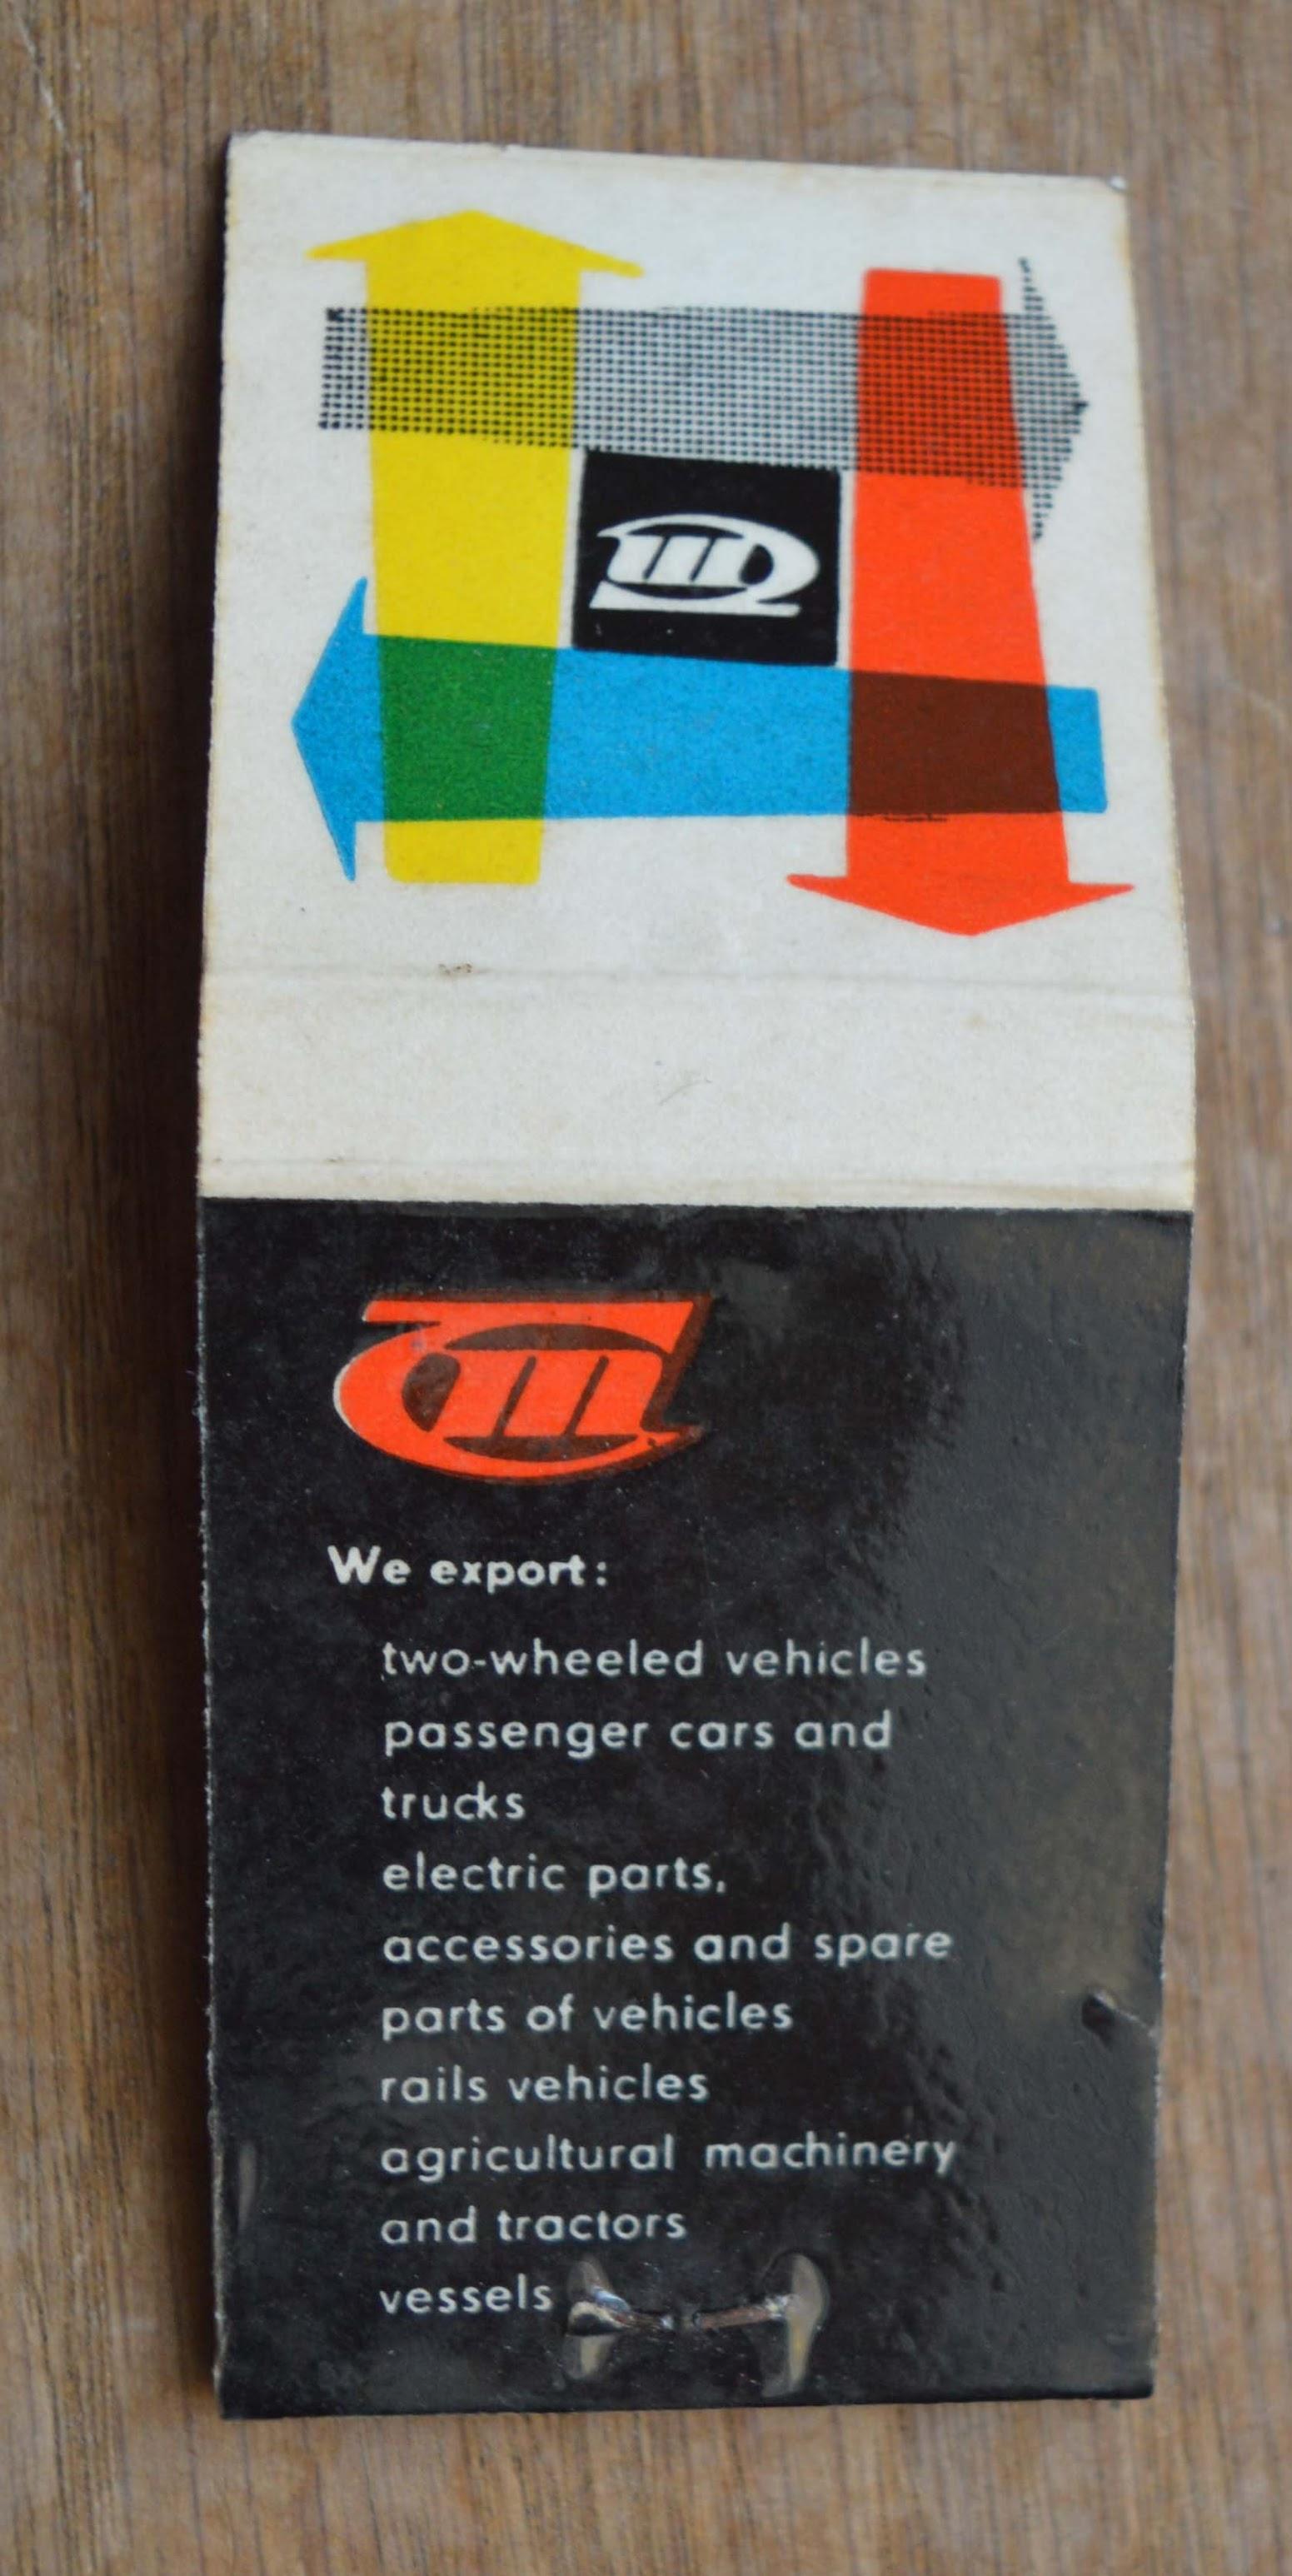 Streichholzbriefchen - Transportmaschinen Export - Import